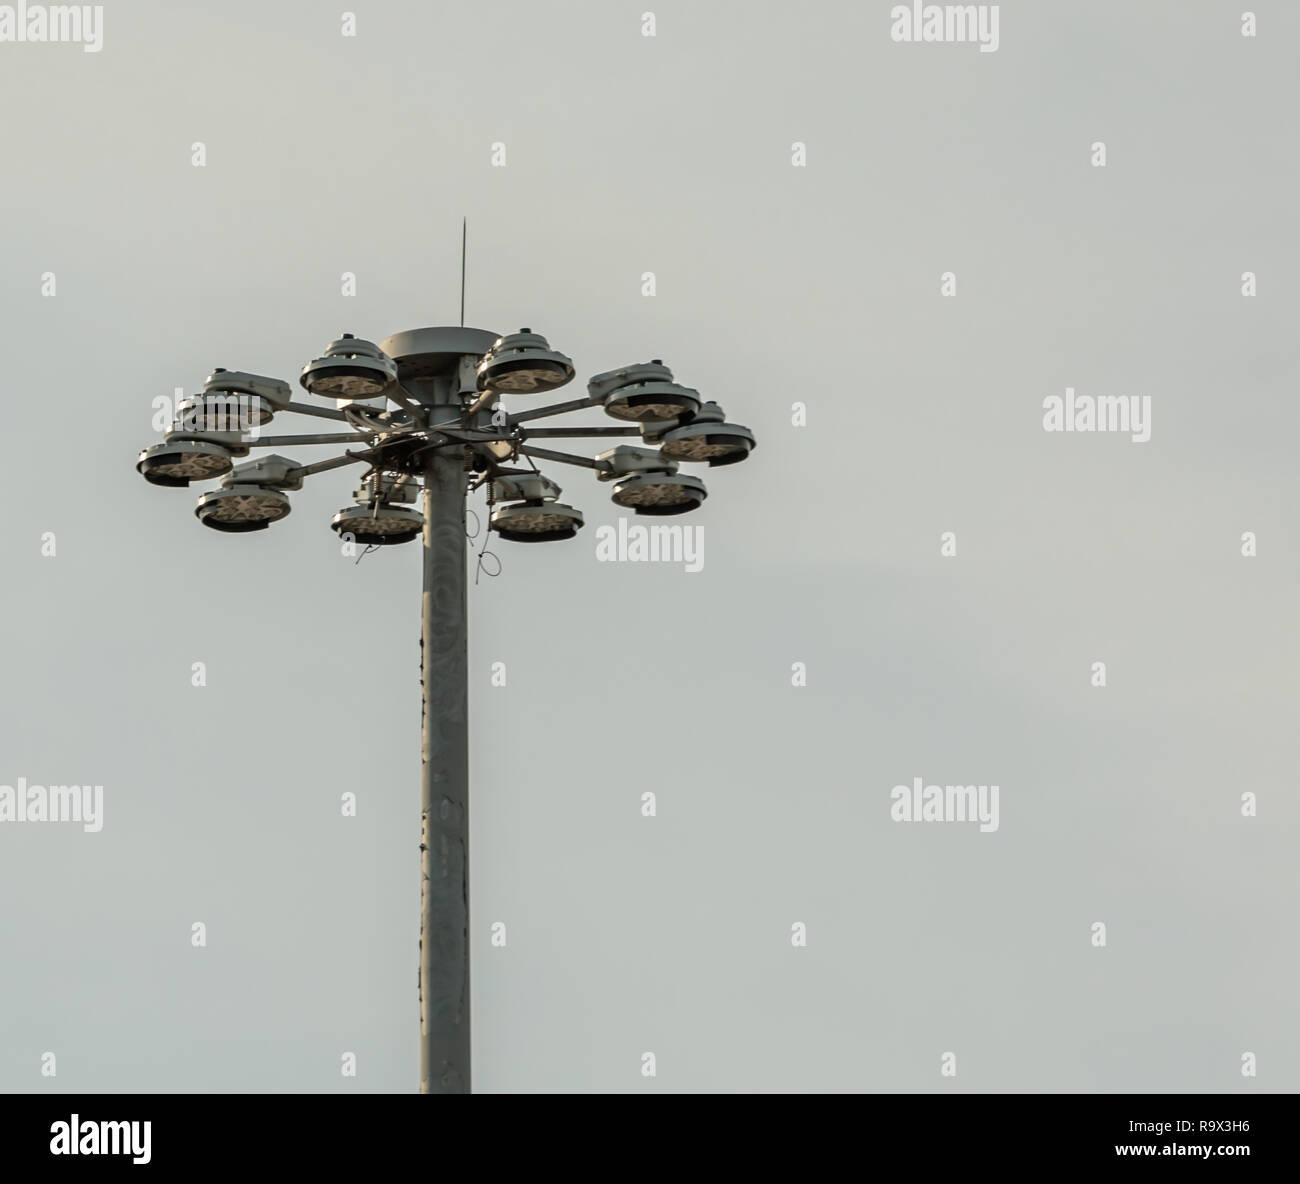 Le sommet d'un poteau d'éclairage à l'aéroport JFK, un tableau des lumières Photo Stock